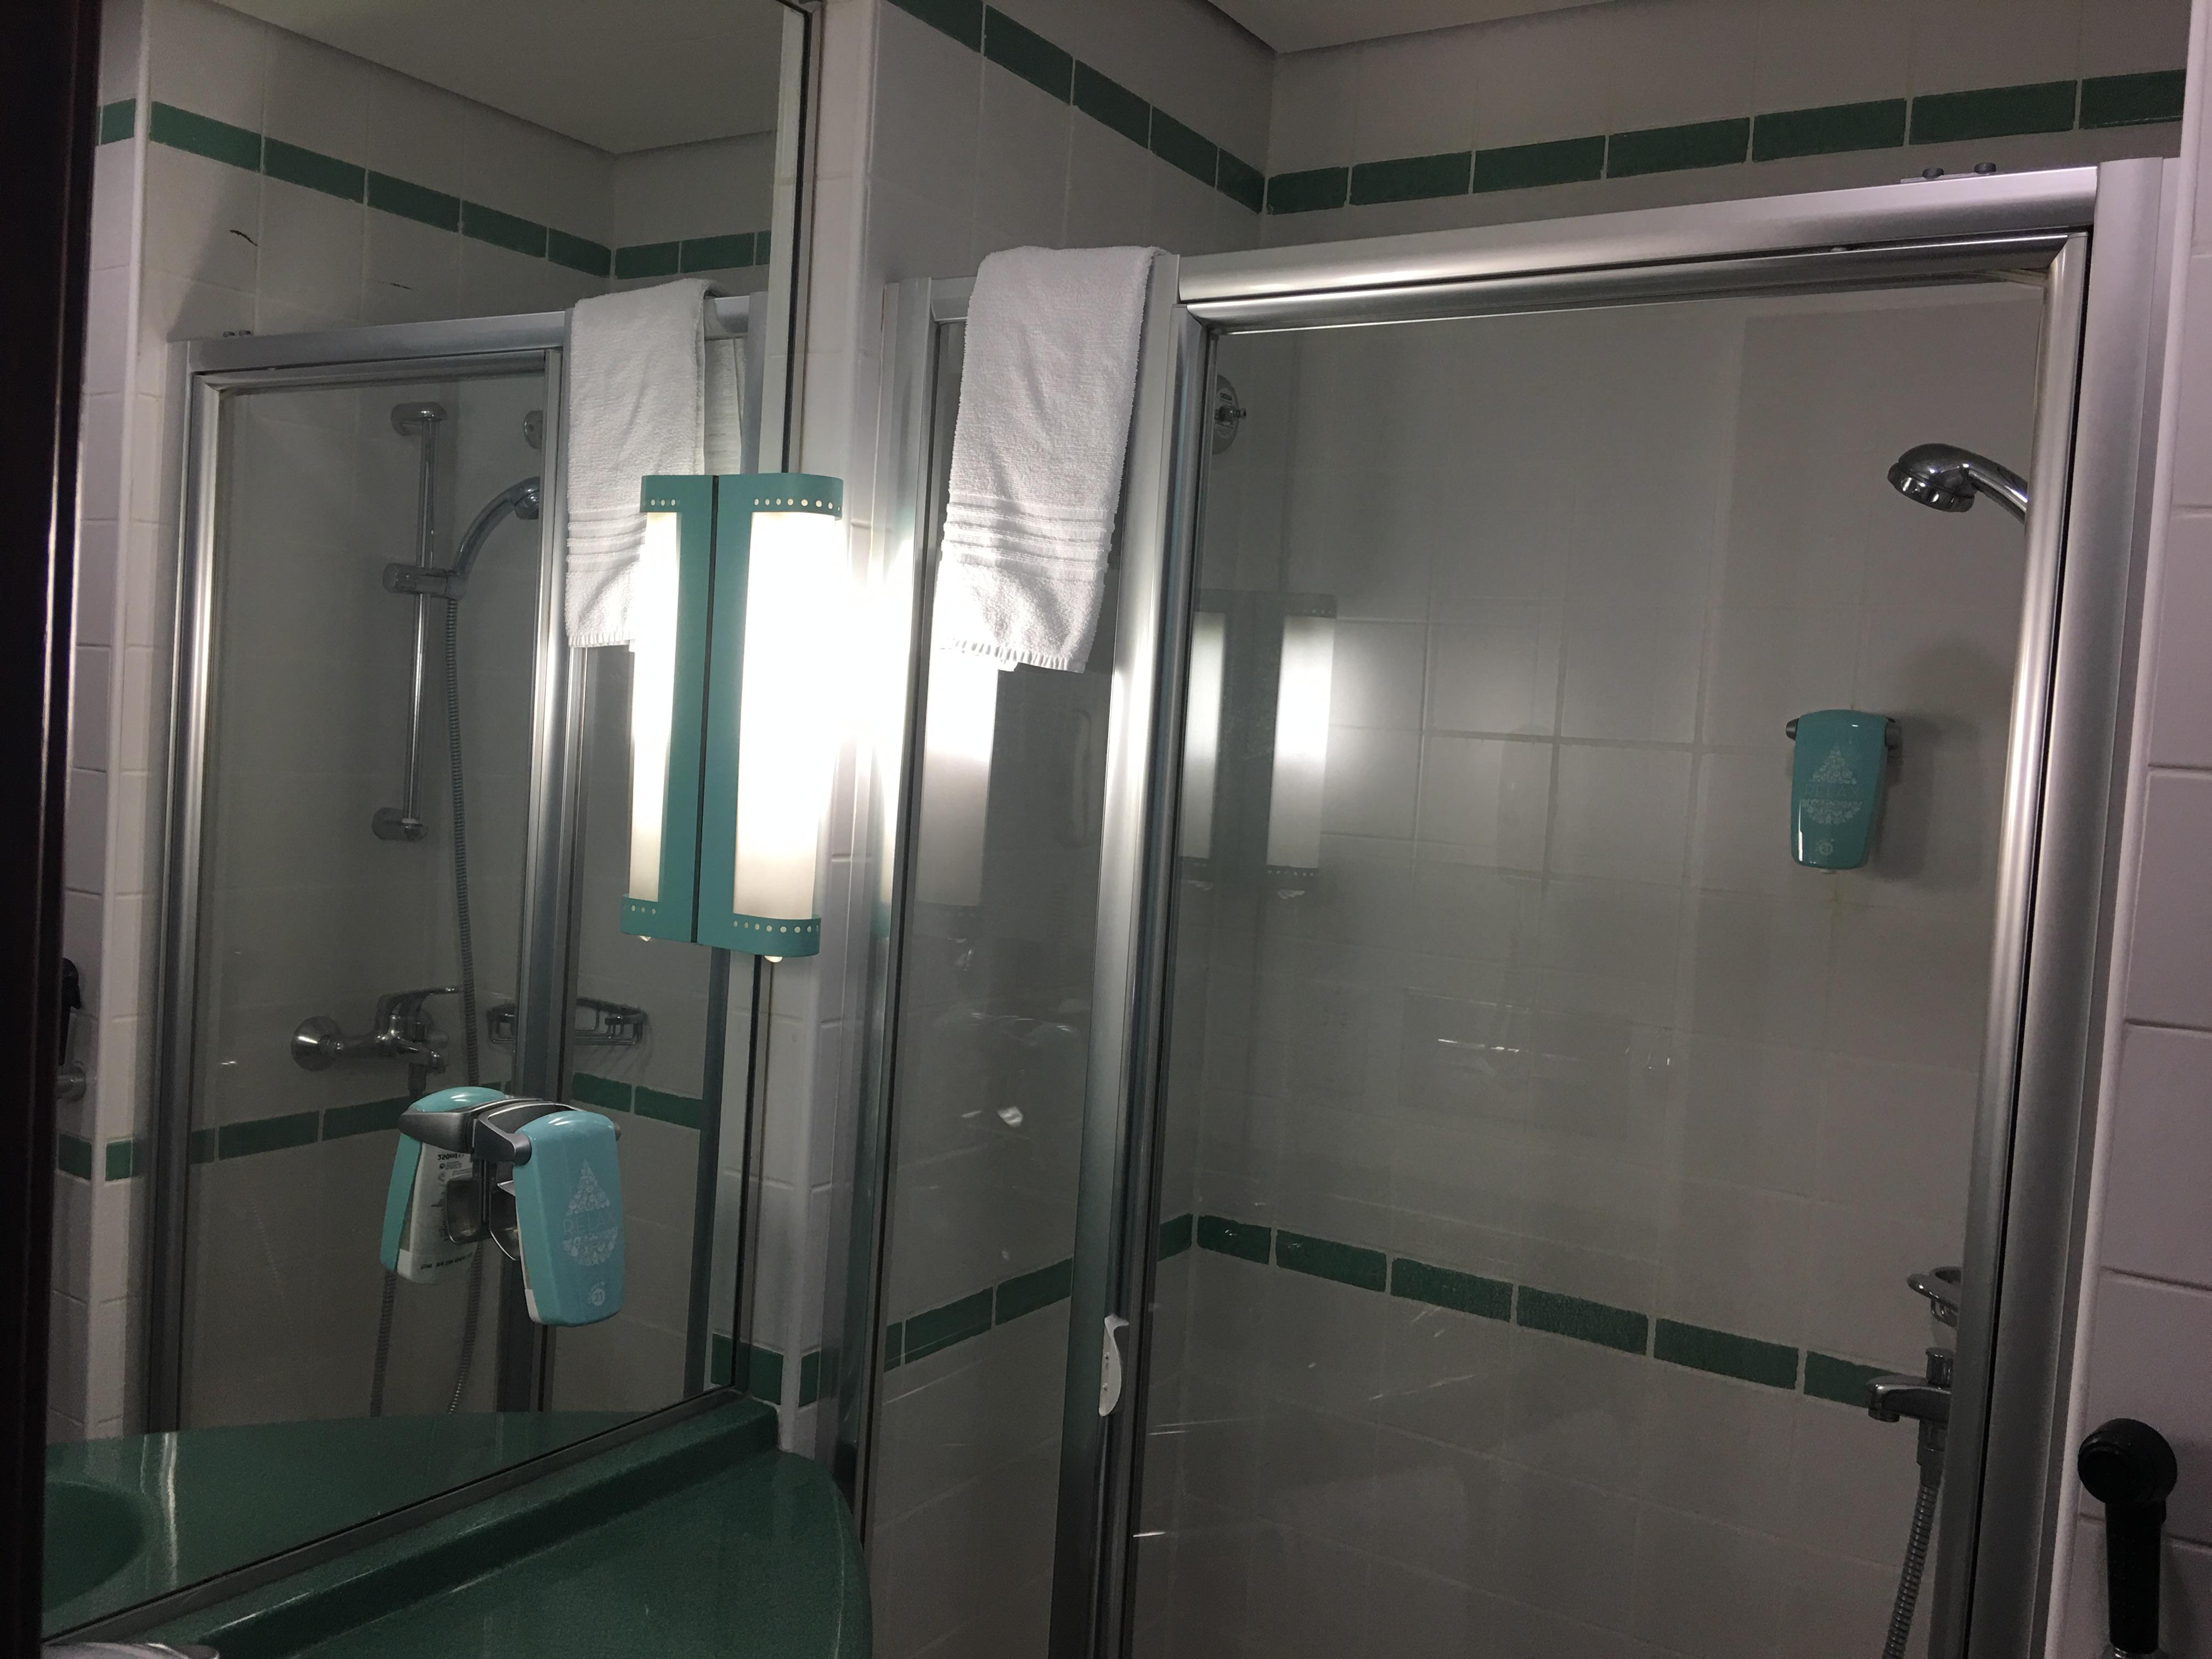 Das Bad ist recht eng, in der Ecke rechts befindet sich die Toilette. Es gibt einen Spender für Duschgel und Handwaschgel.